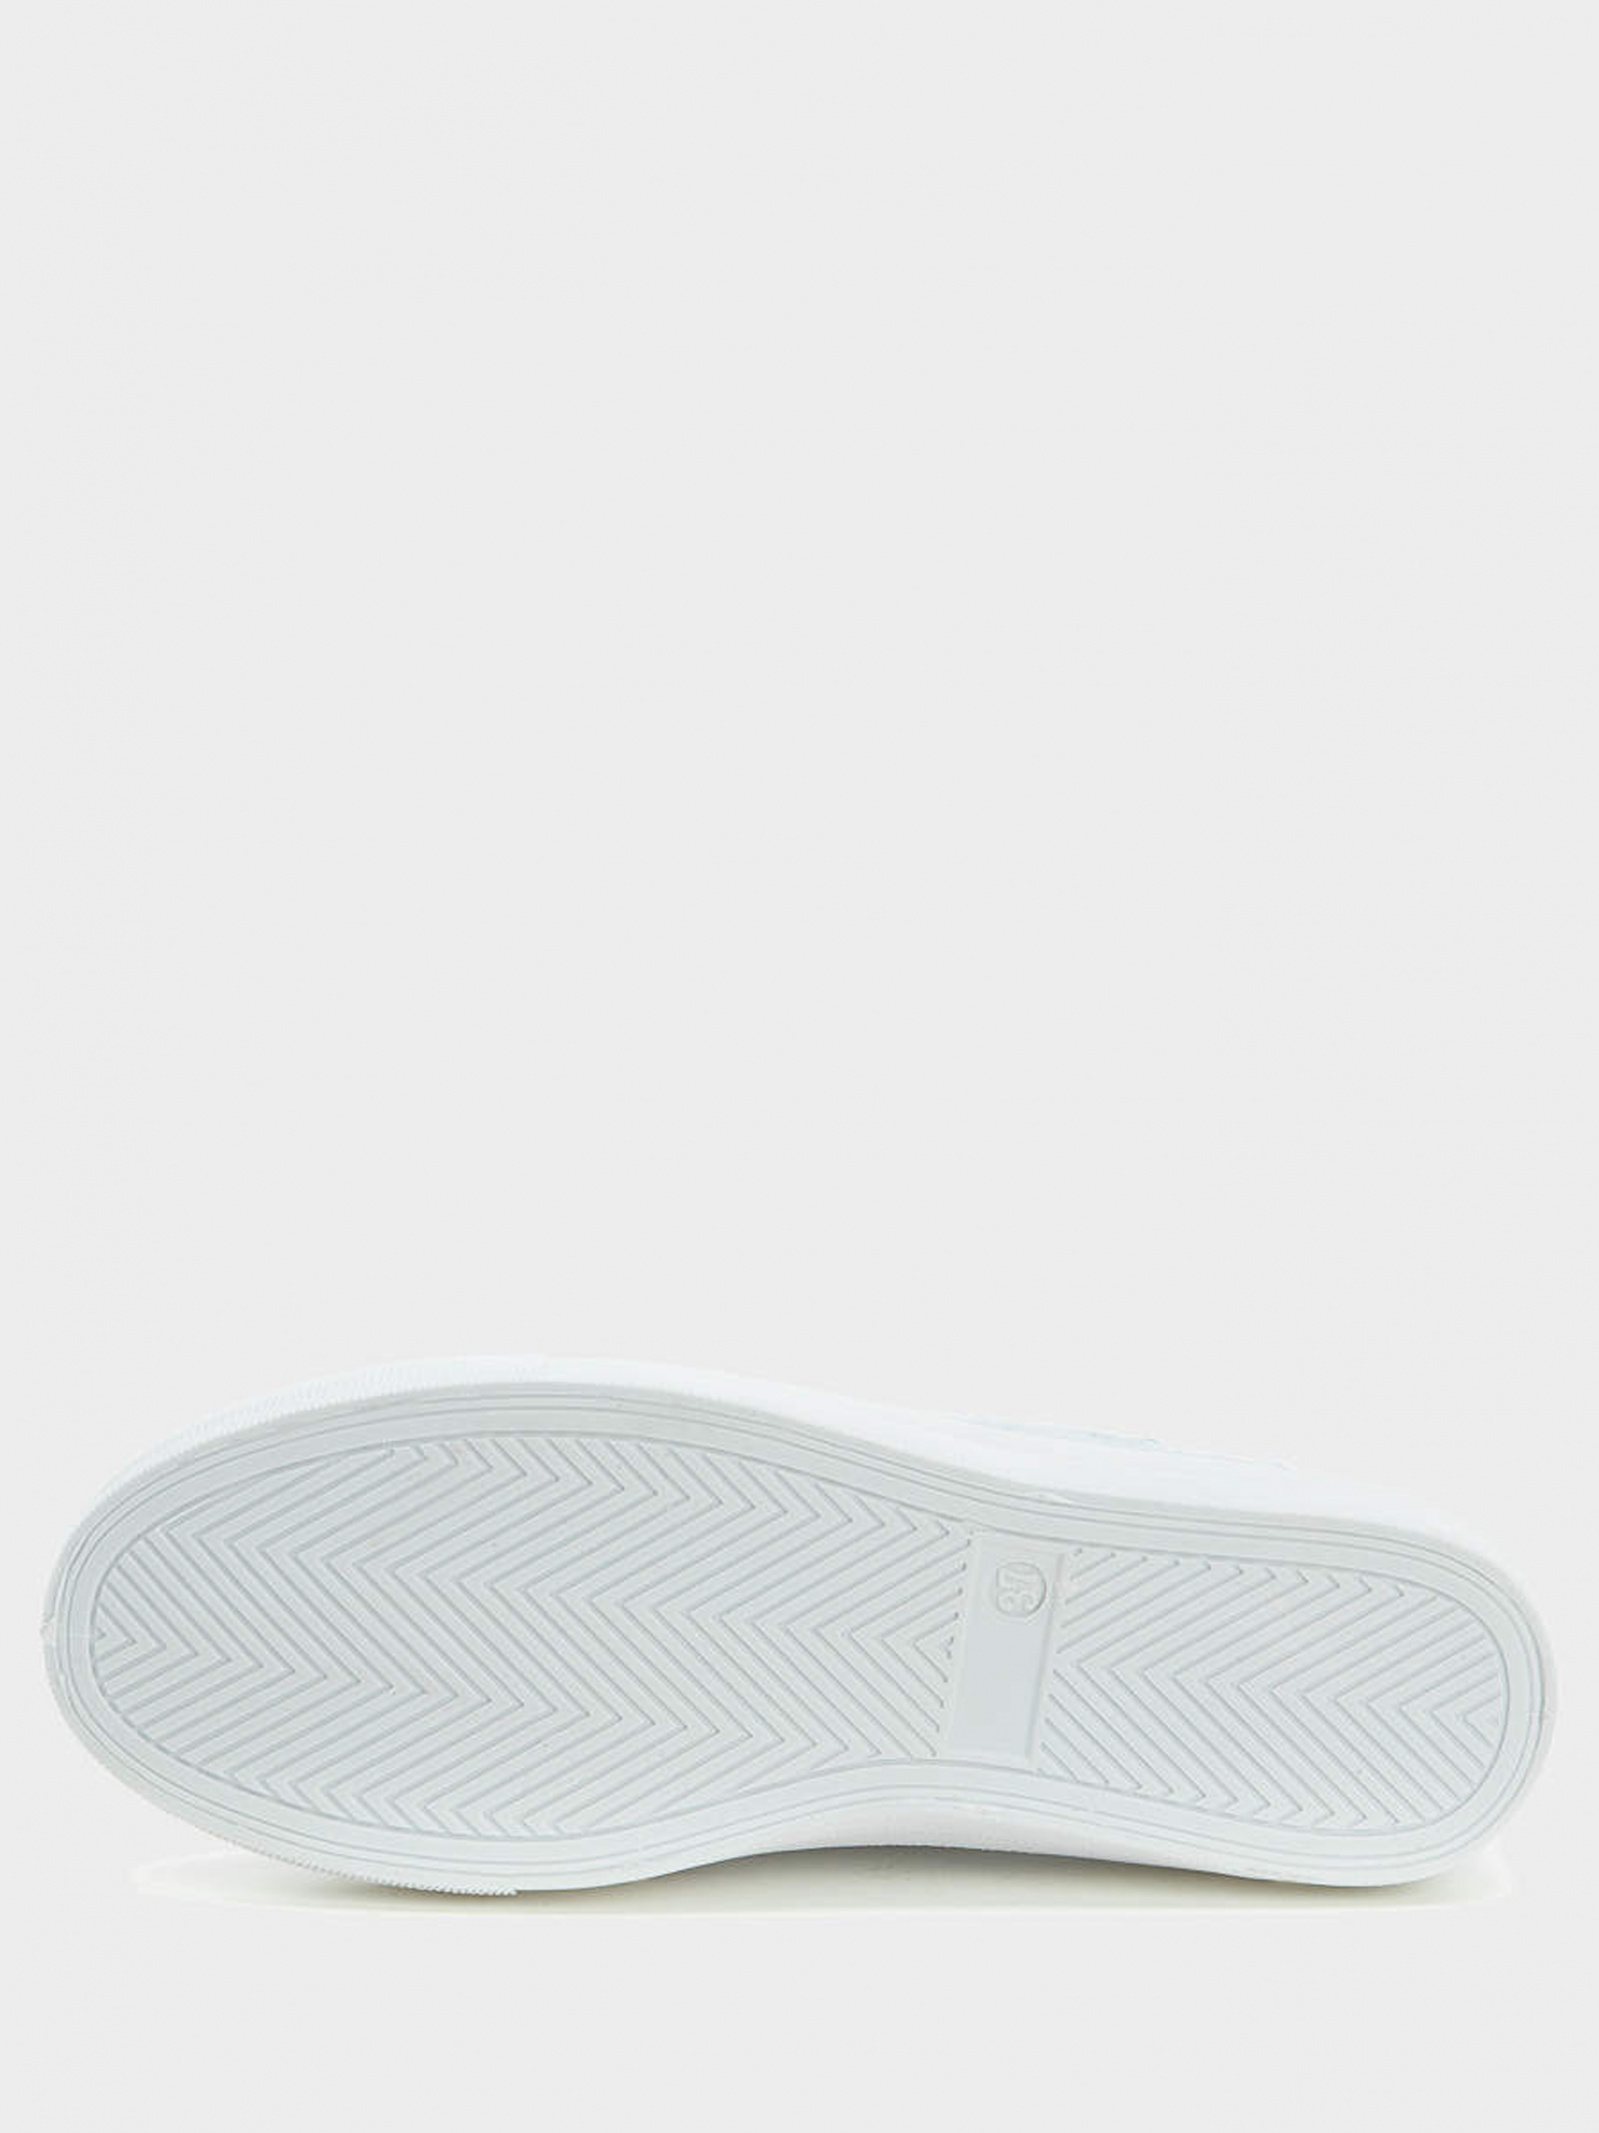 Кеди  для жінок Crosby 407365/01-02 модне взуття, 2017